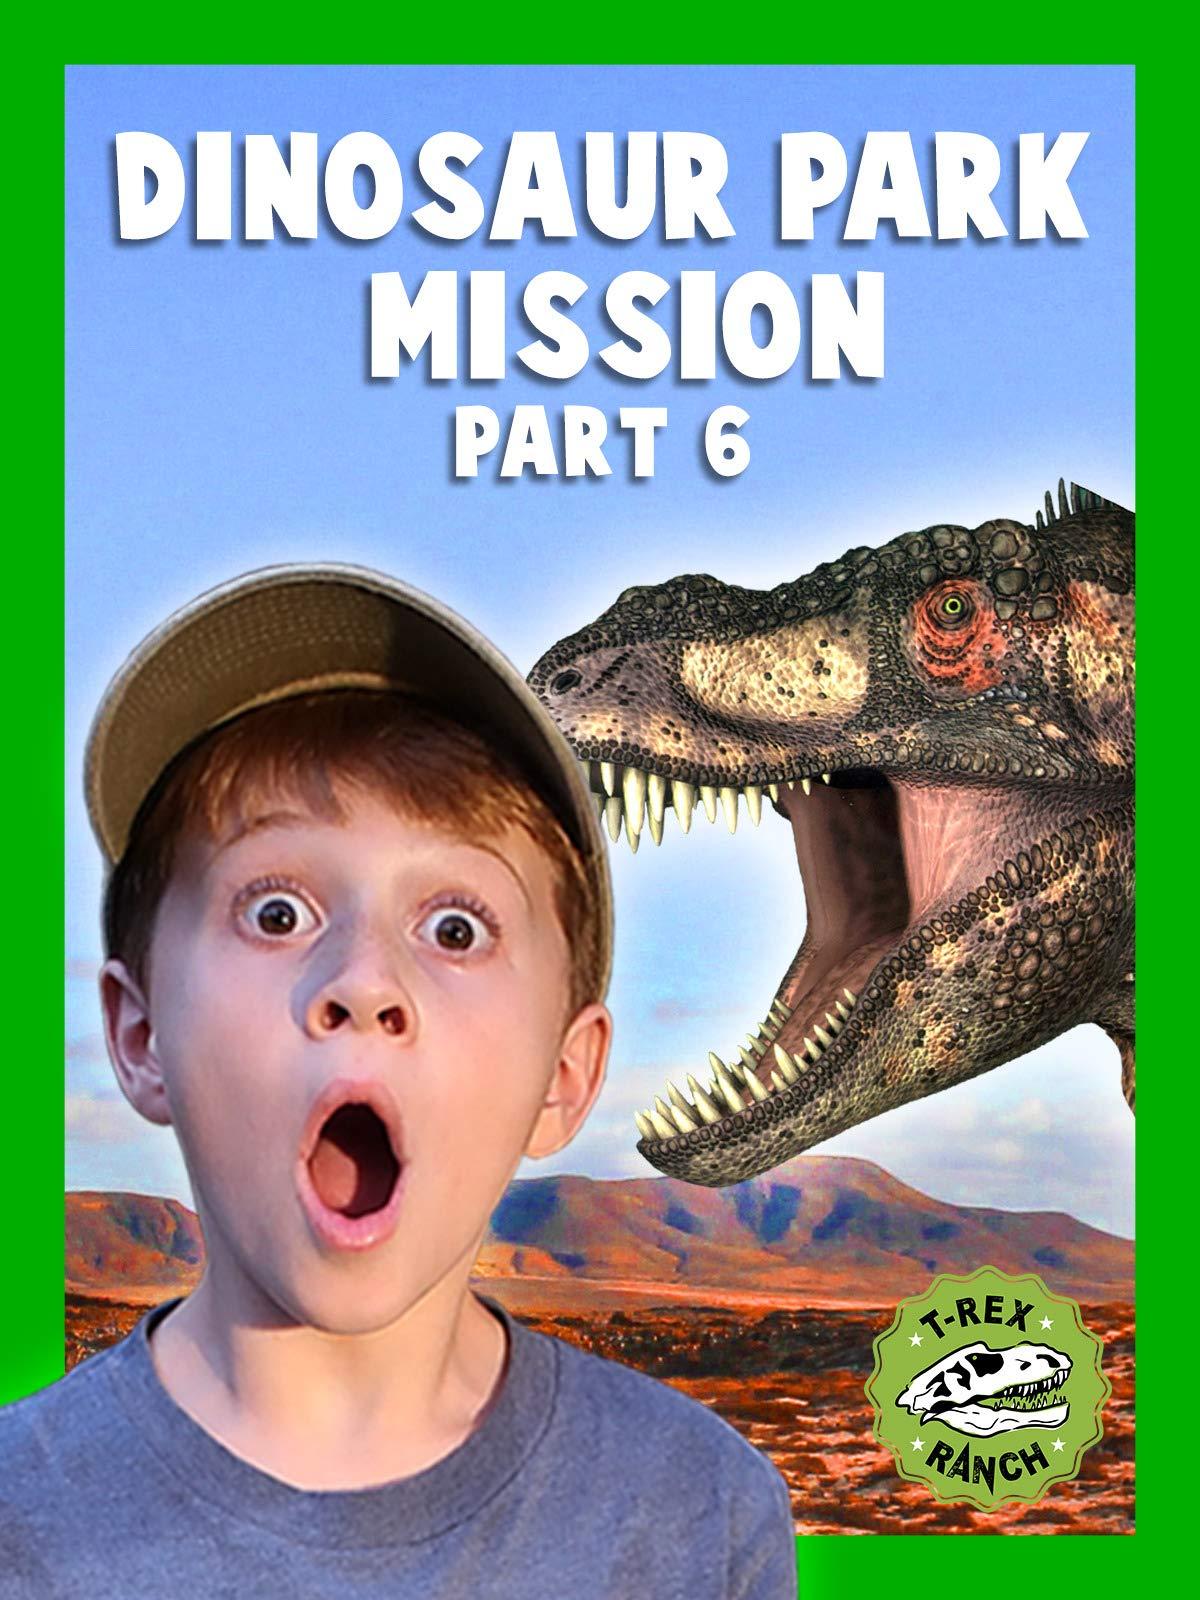 Dinosaur Park Mission Part 6 - T-Rex Ranch